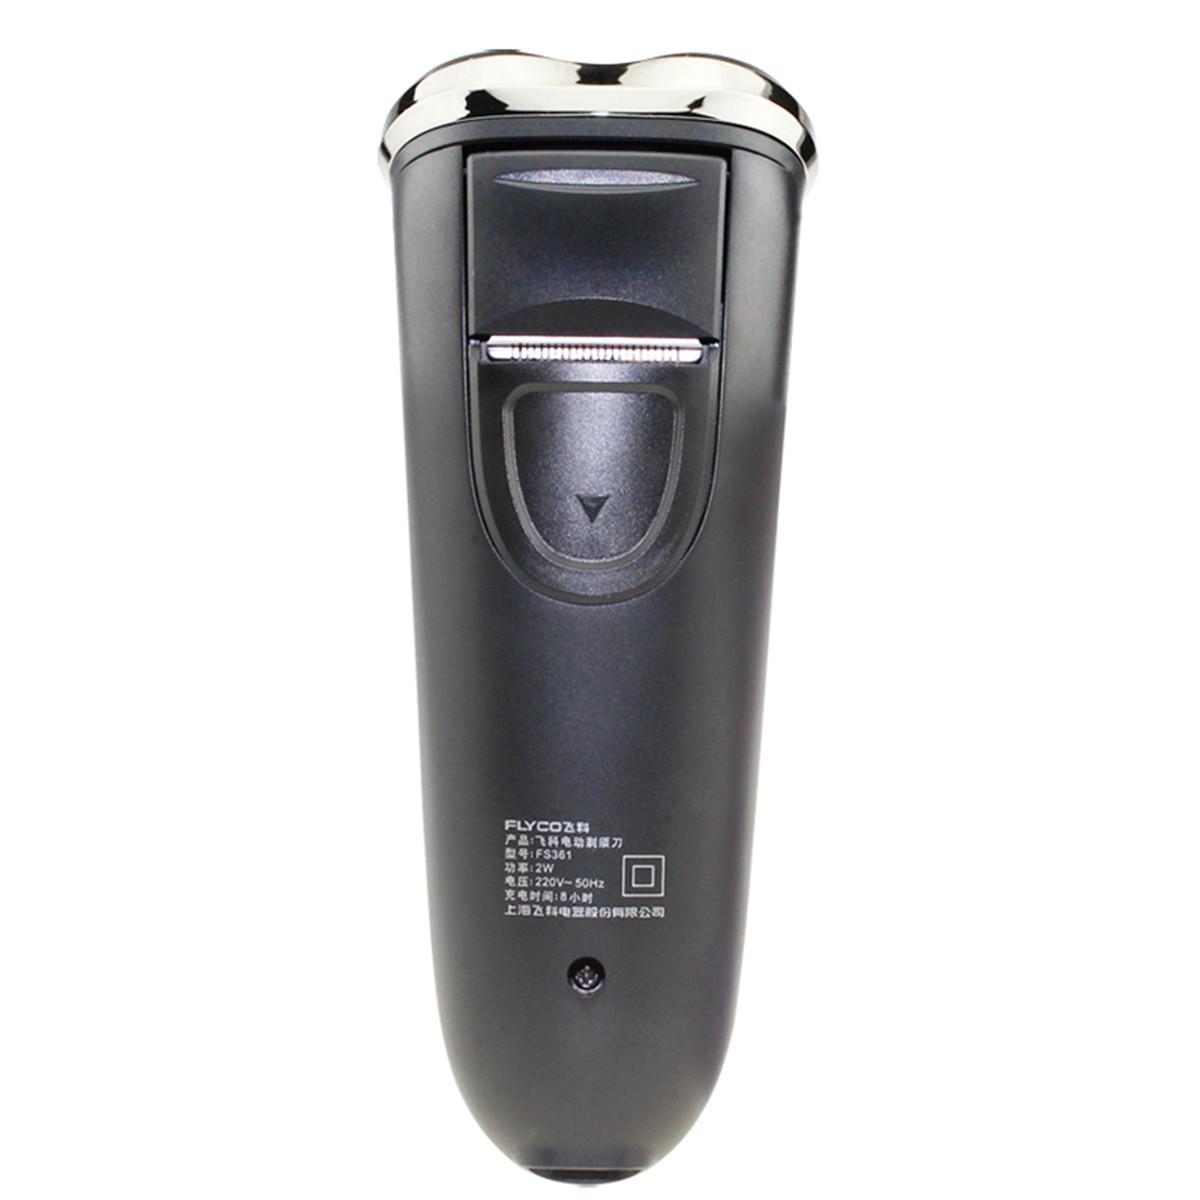 男士电动剃须刀充电式剔须刀刮胡刀便携式水洗剃胡刀飞科正品线充